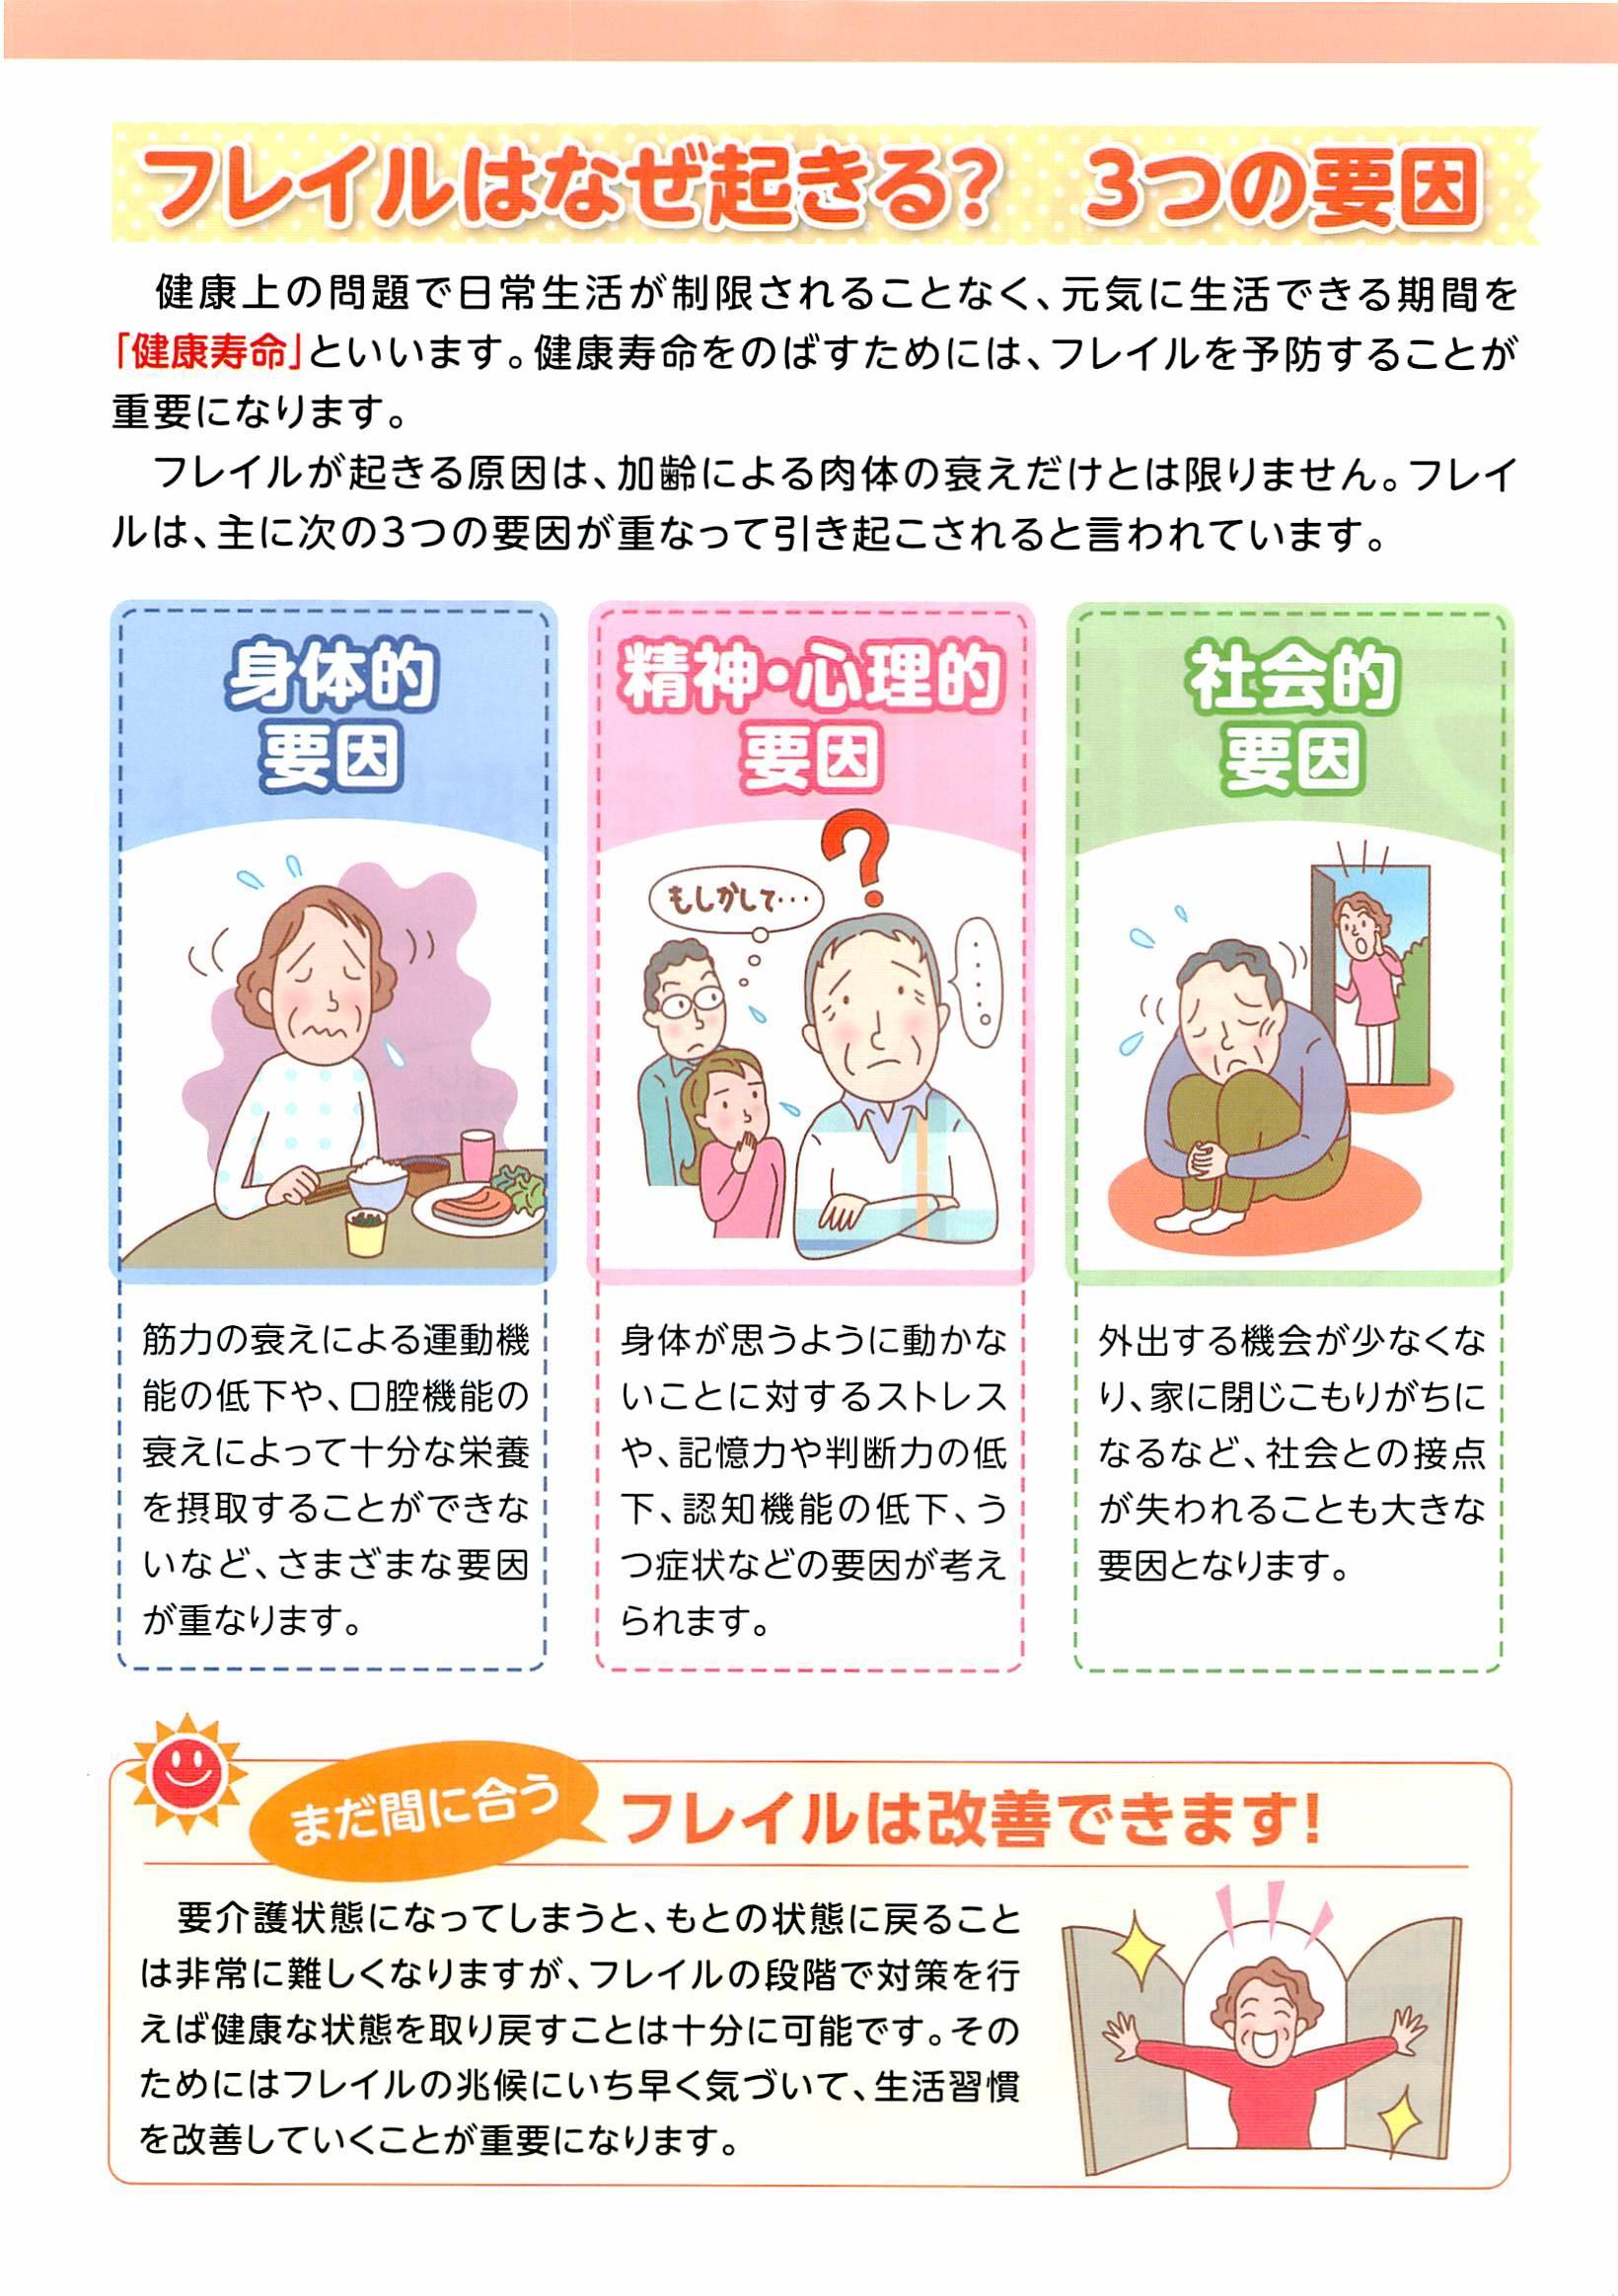 sukoyaka95_002.jpg